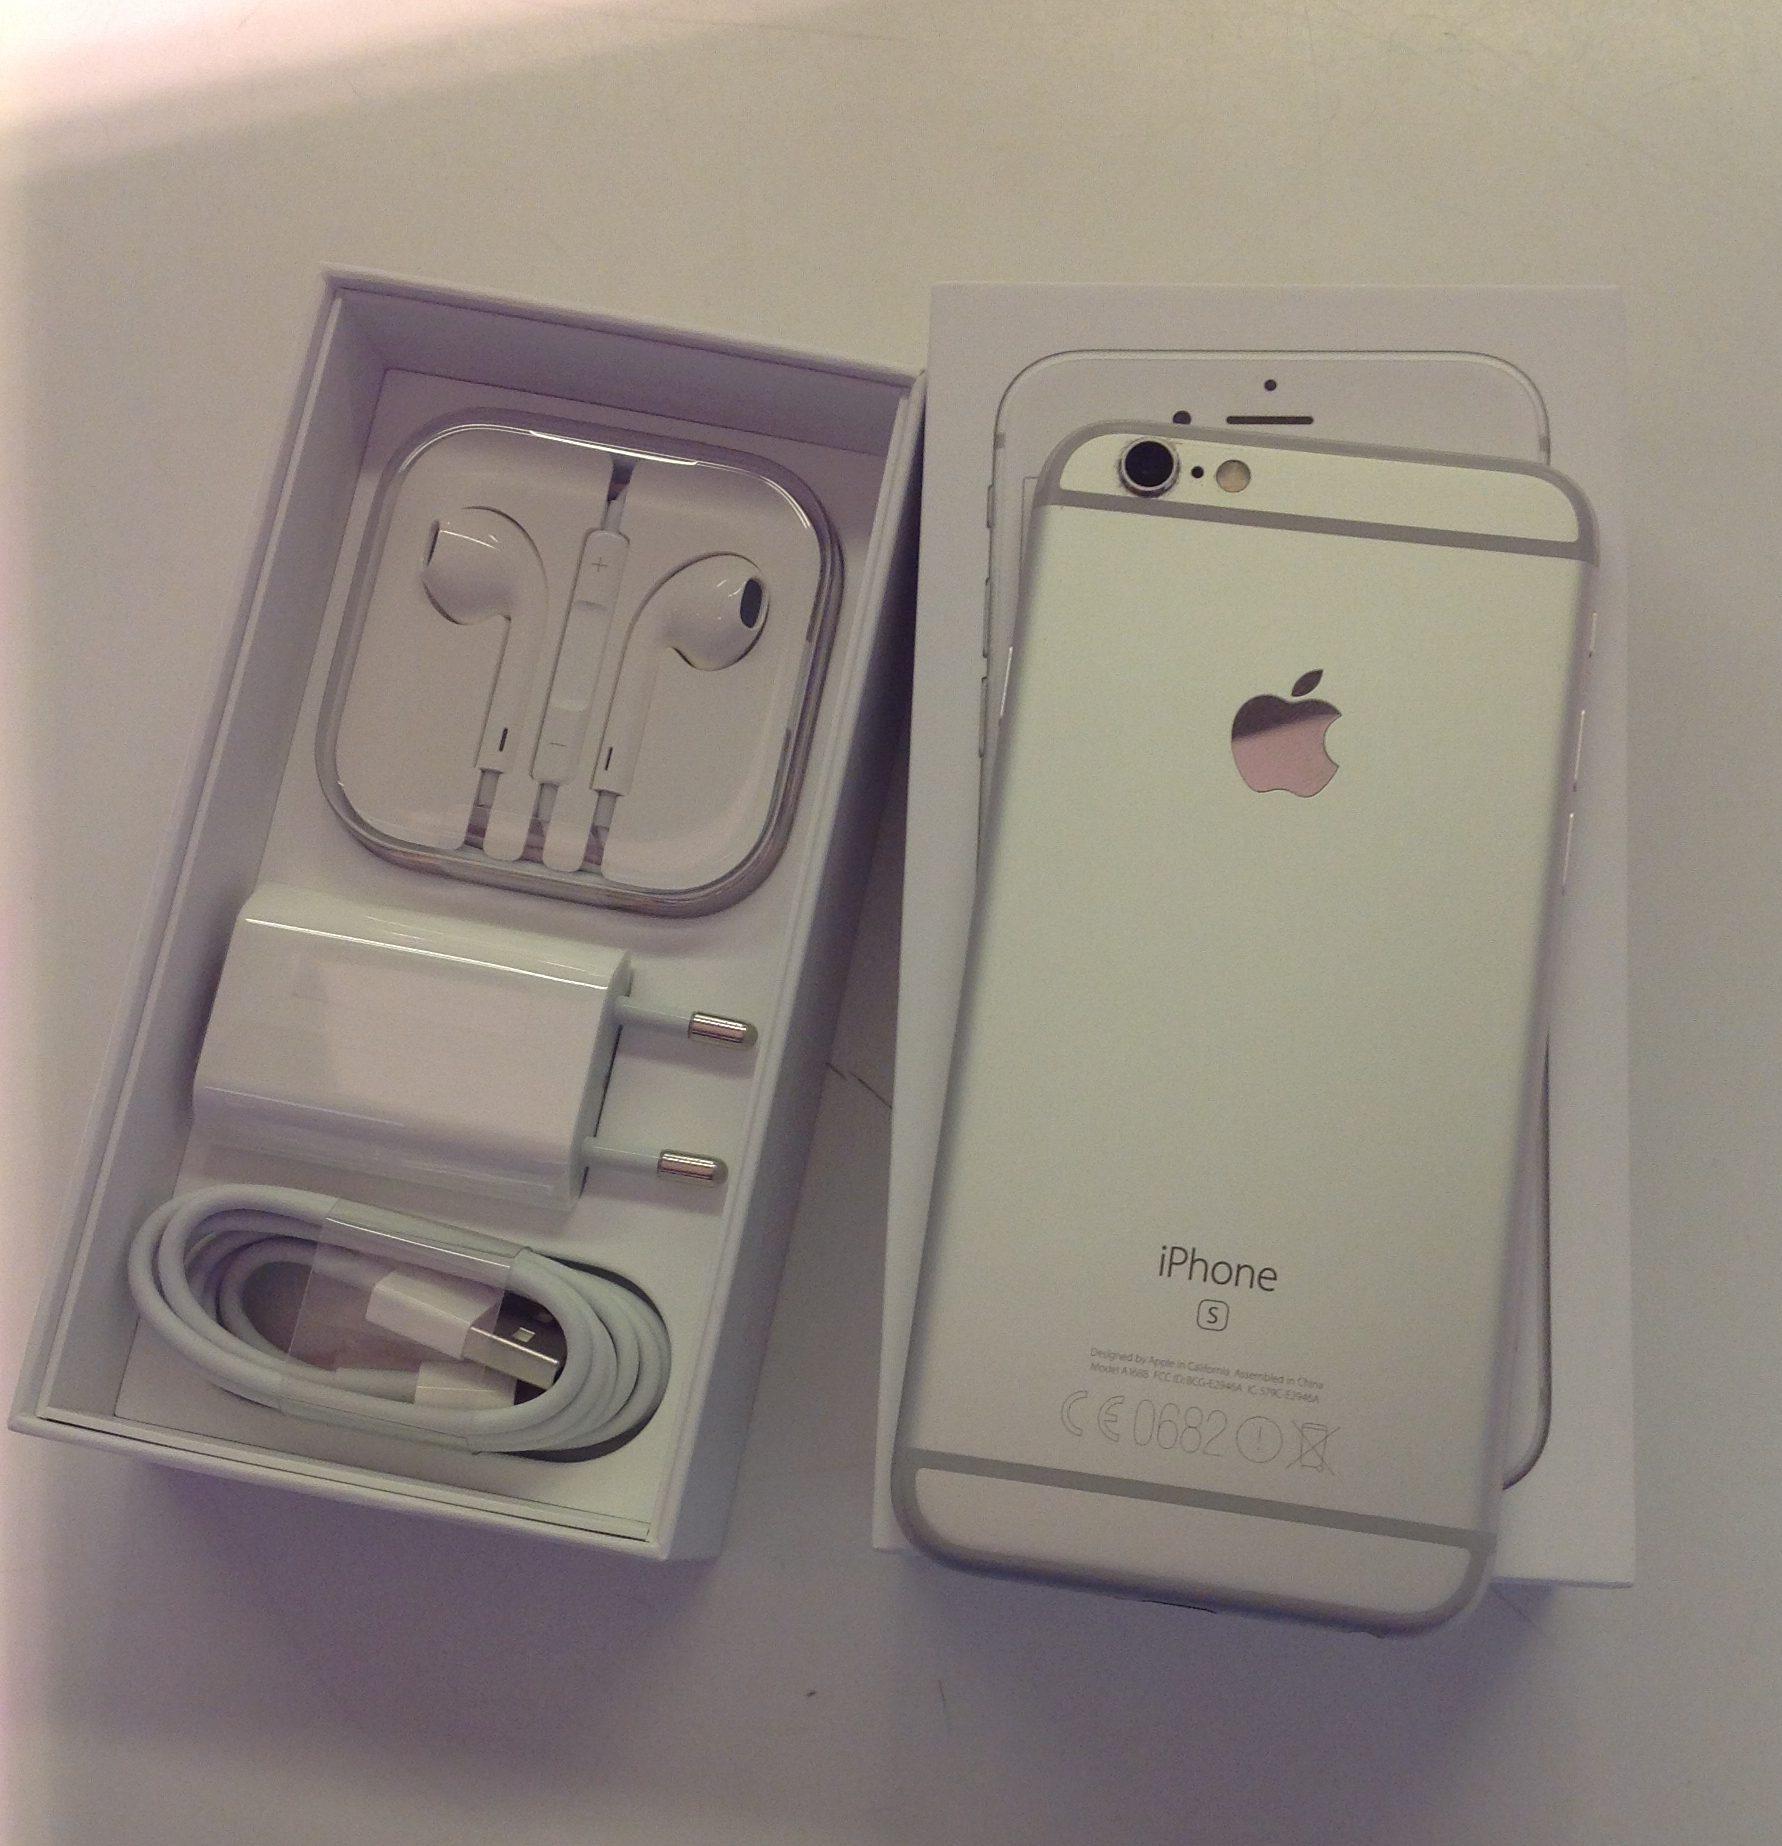 iPhone 6S 16GB, 16GB, Plata, Bild 2